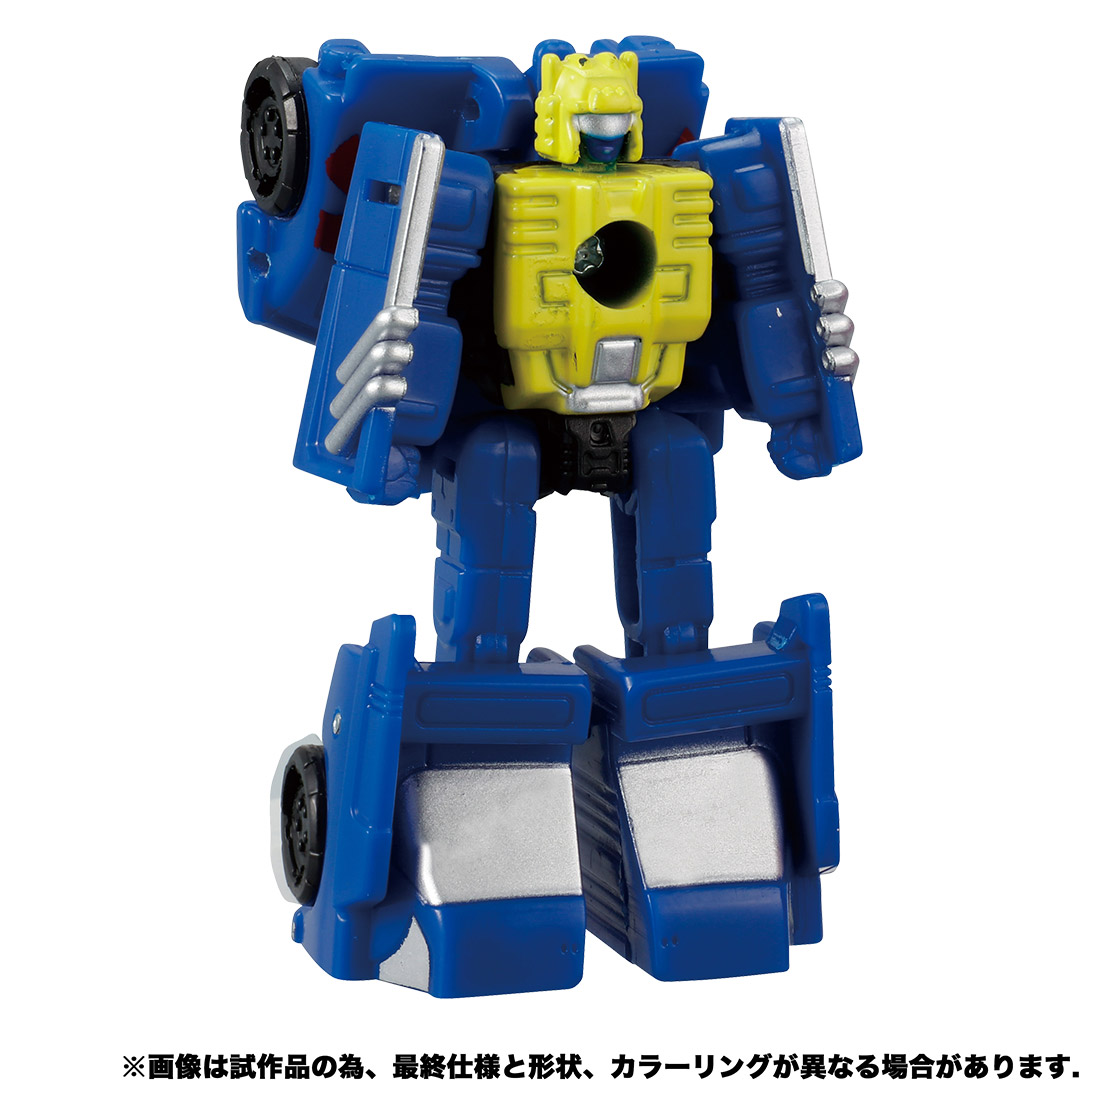 【限定販売】トランスフォーマー アースライズ『ER EX-10 スナップドラゴン』可変可動フィギュア-008